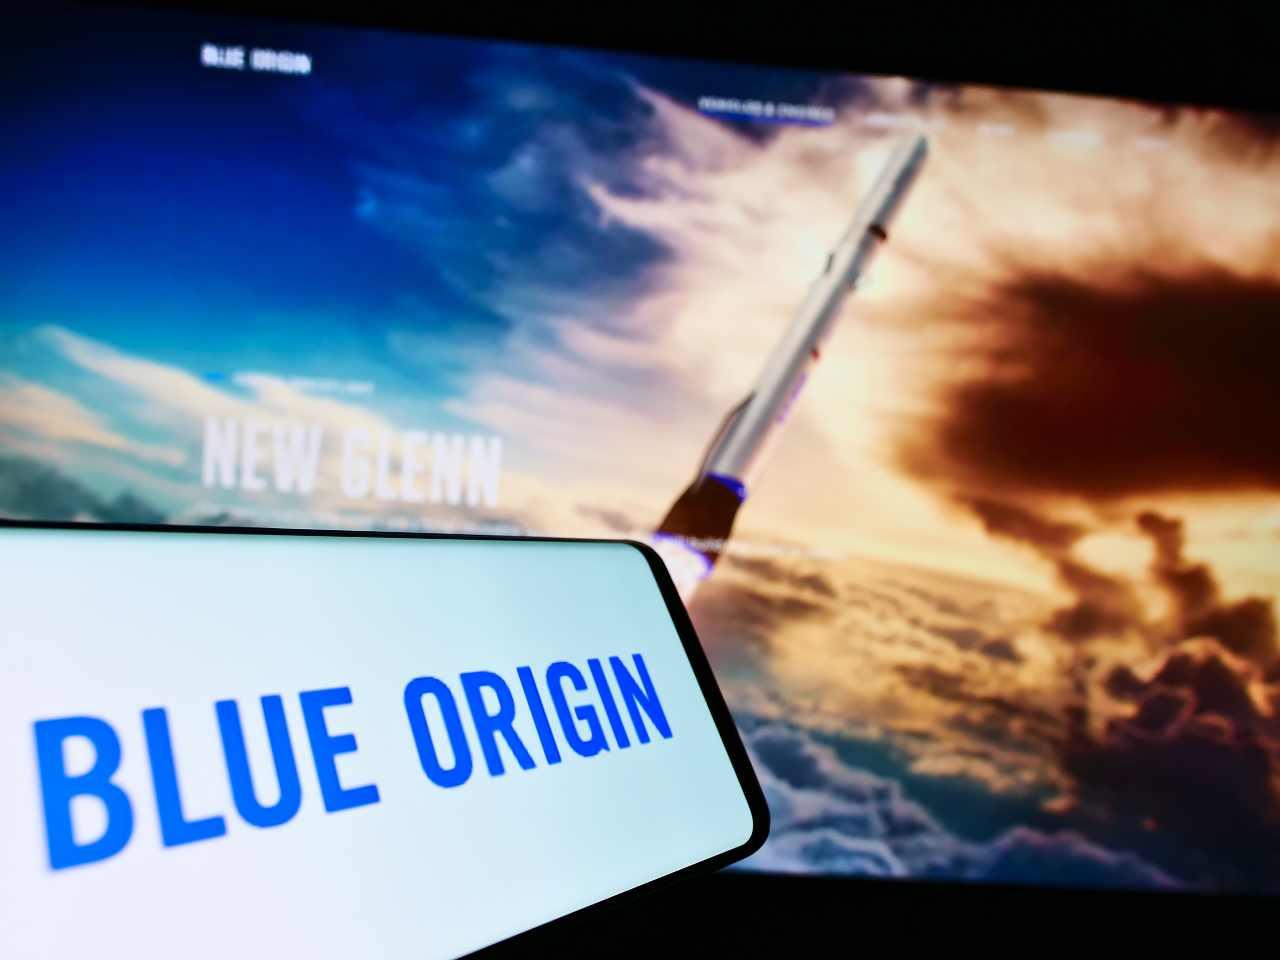 Blue Origin, la compagnia di Jeff Bezos lanciata per il turismo spaziale (Adobe Stock)